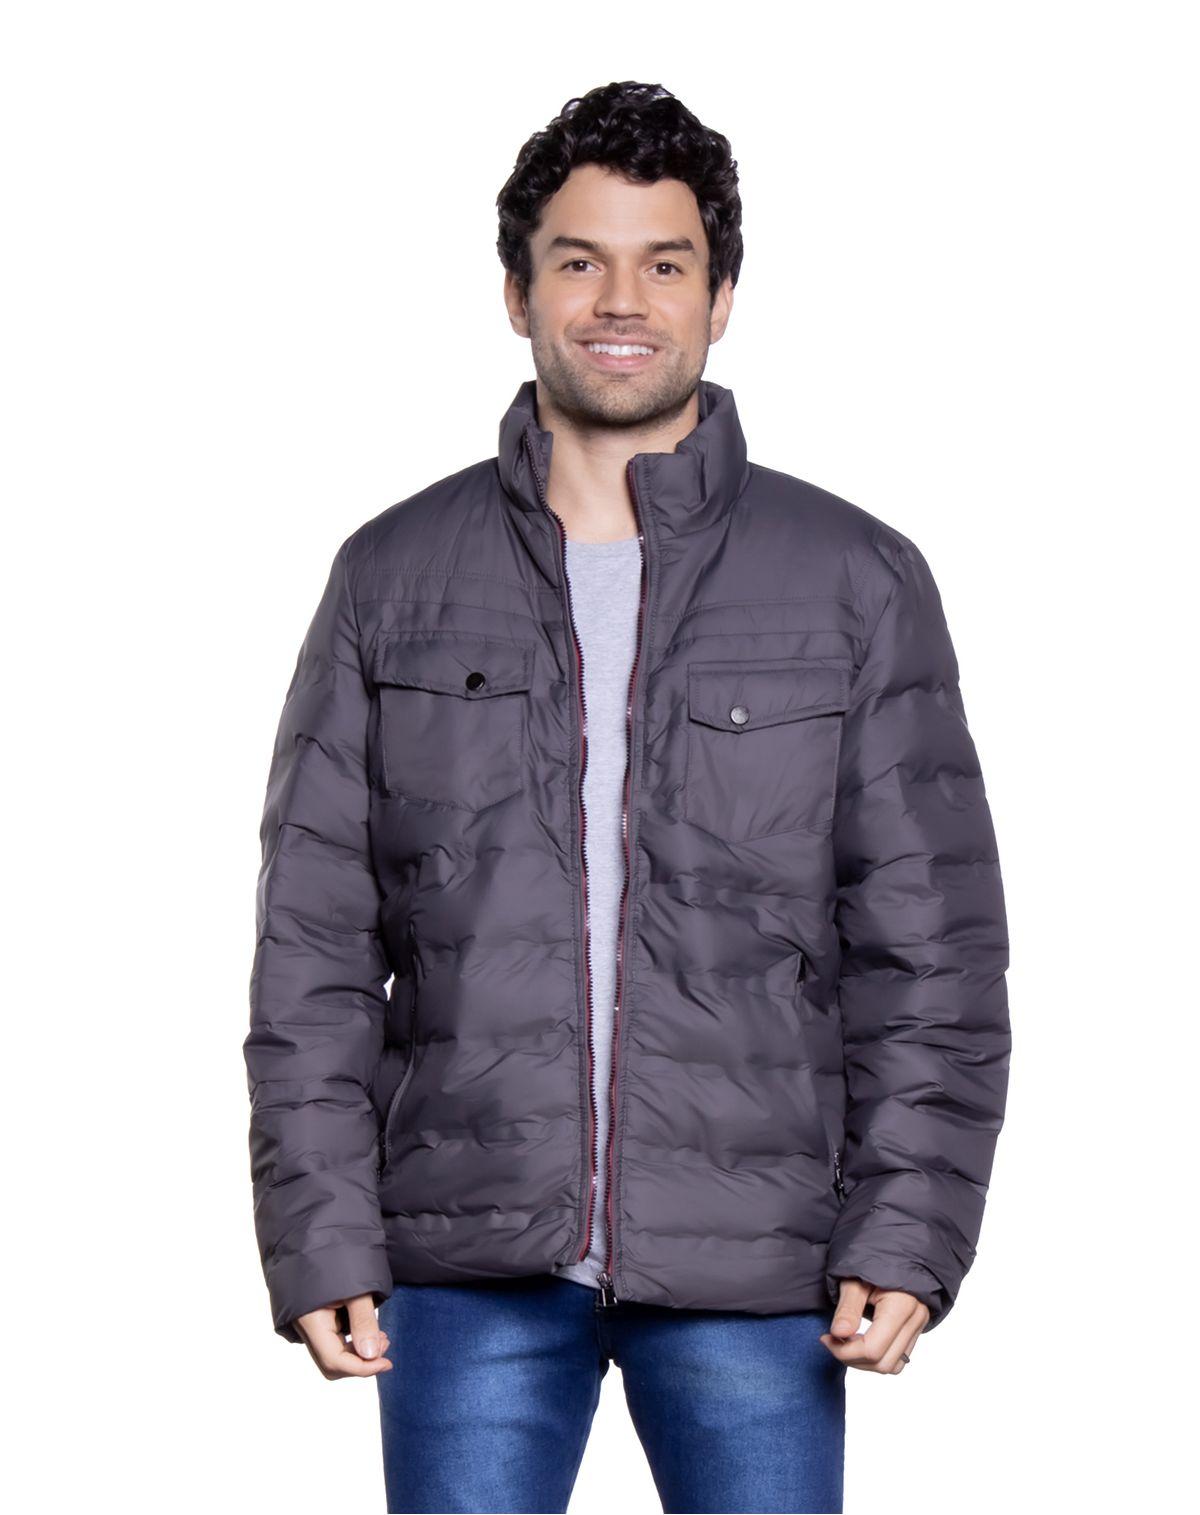 507084010-jaqueta-masculina-bolsos-cinza-m-010